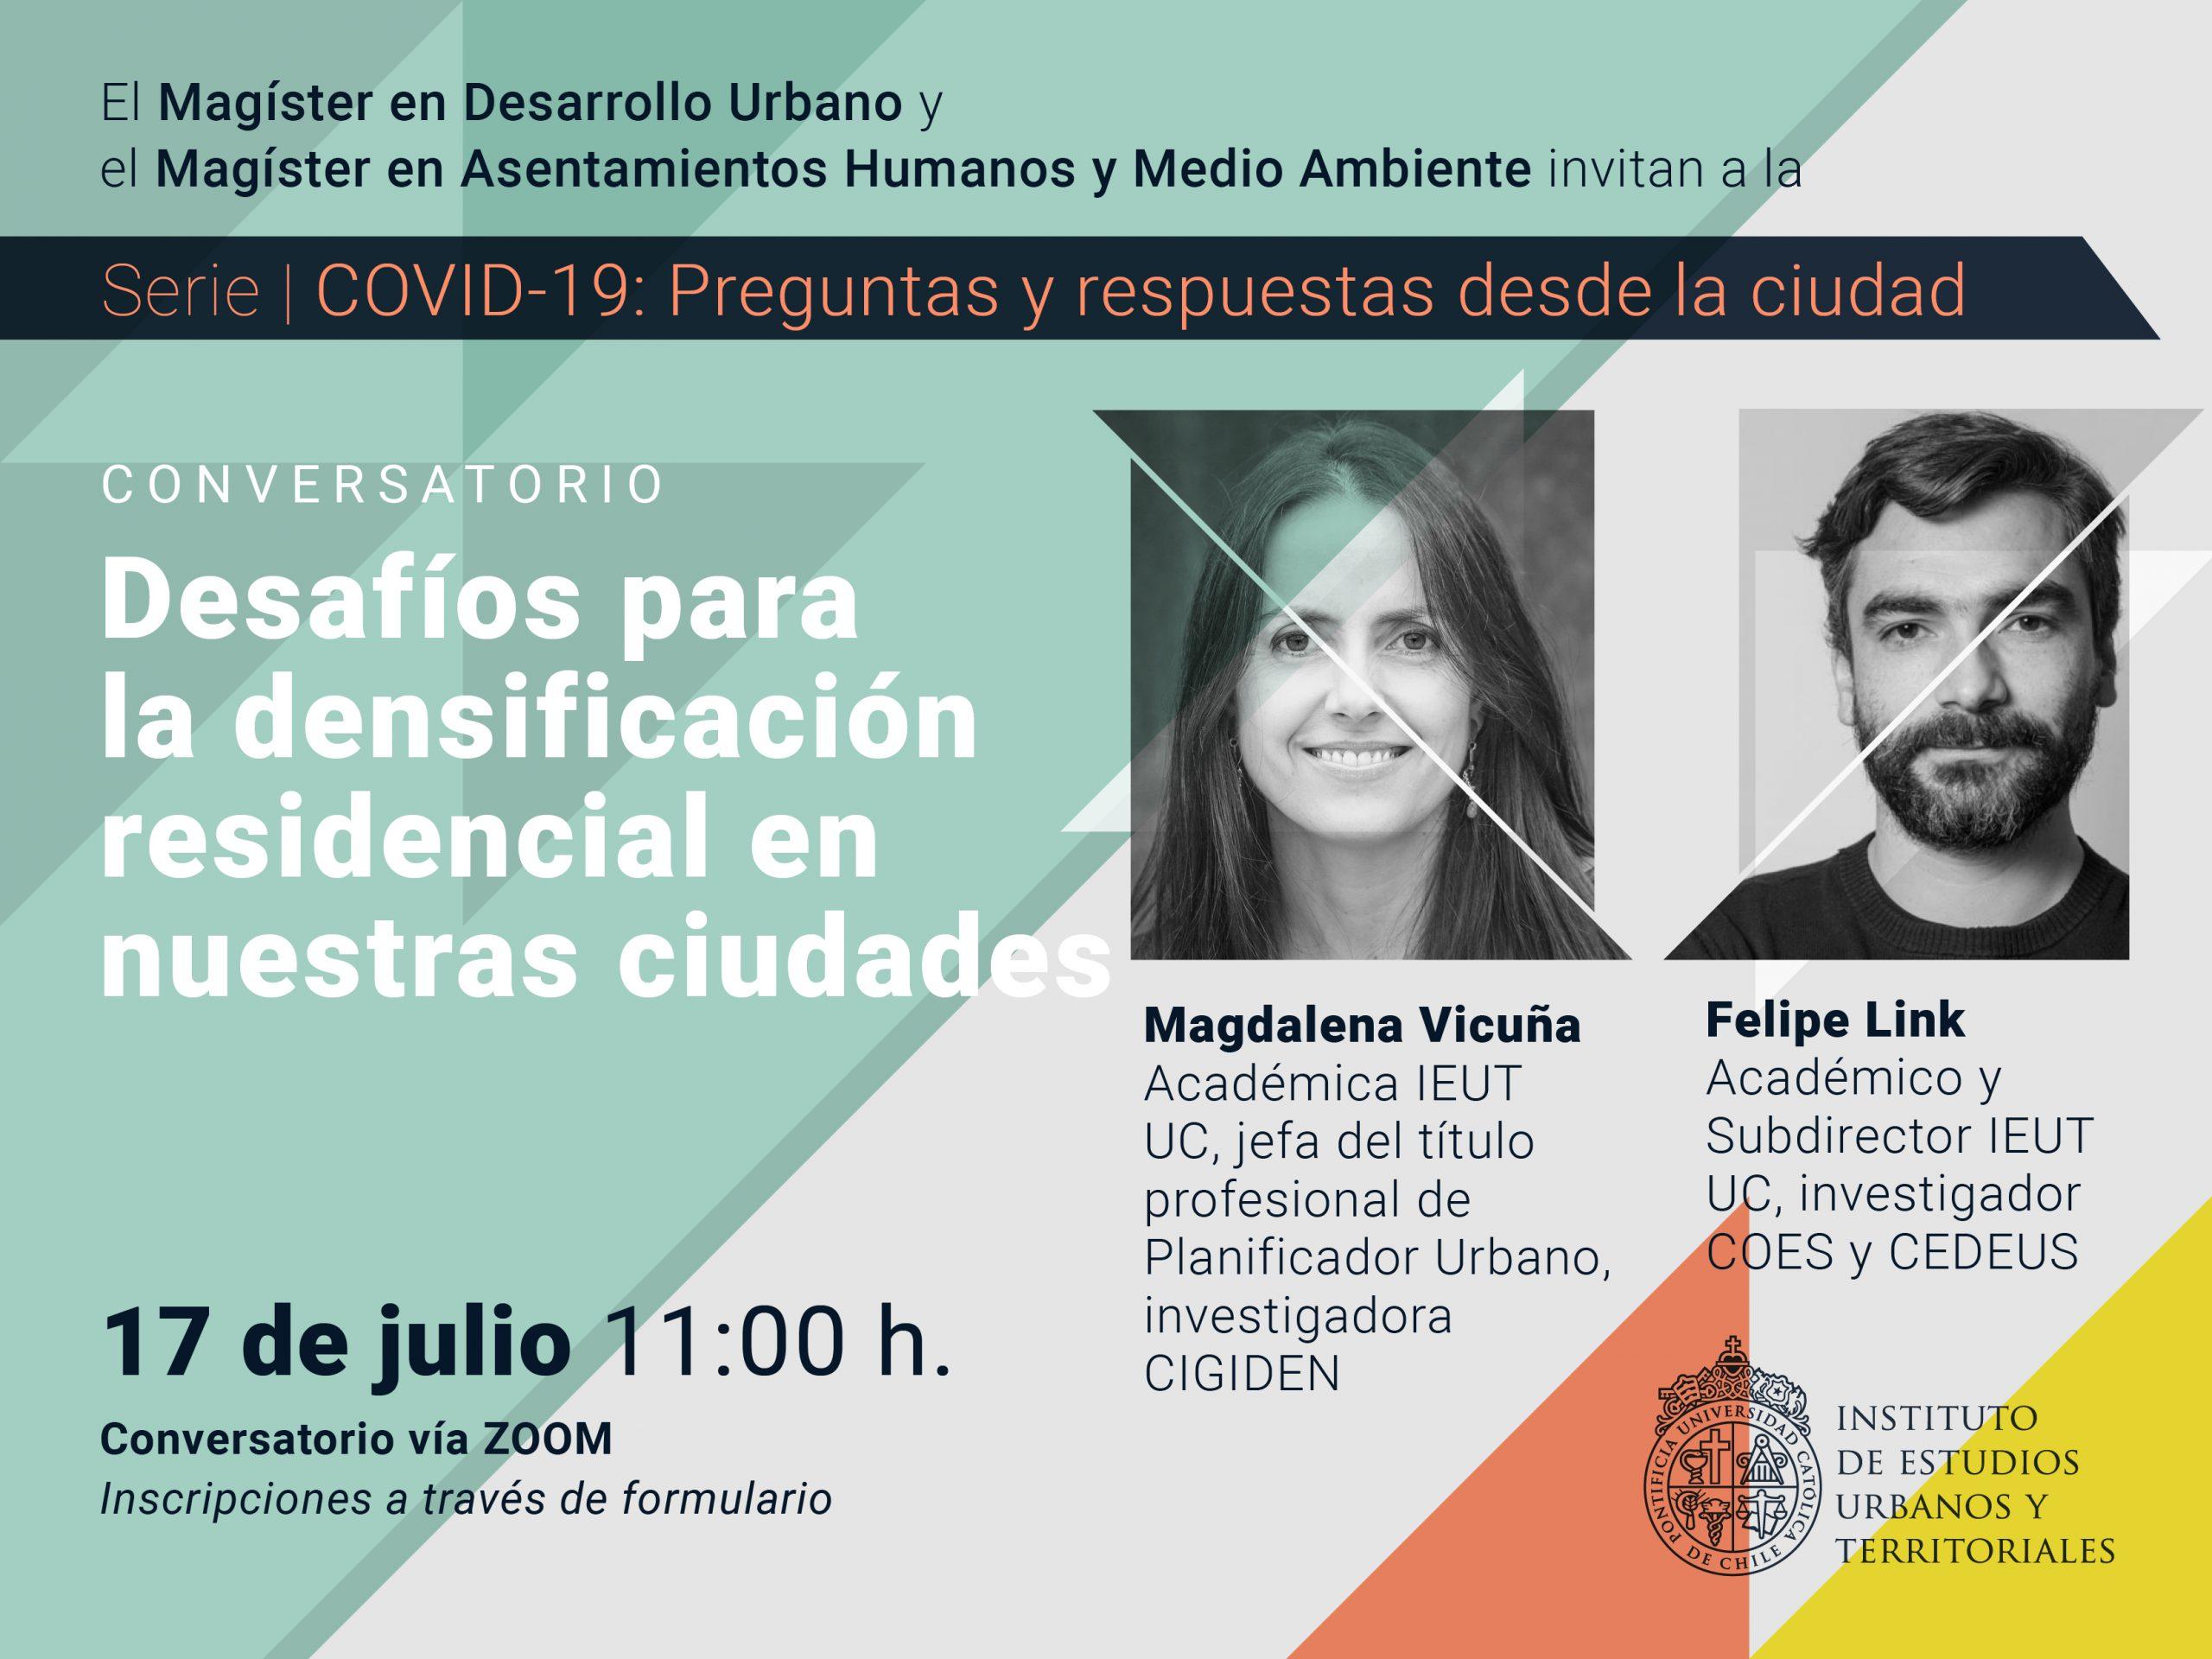 Serie | COVID-19: preguntas y respuestas desde la ciudad. Conversatorio: Desafíos para la densificación residencial en nuestras ciudades